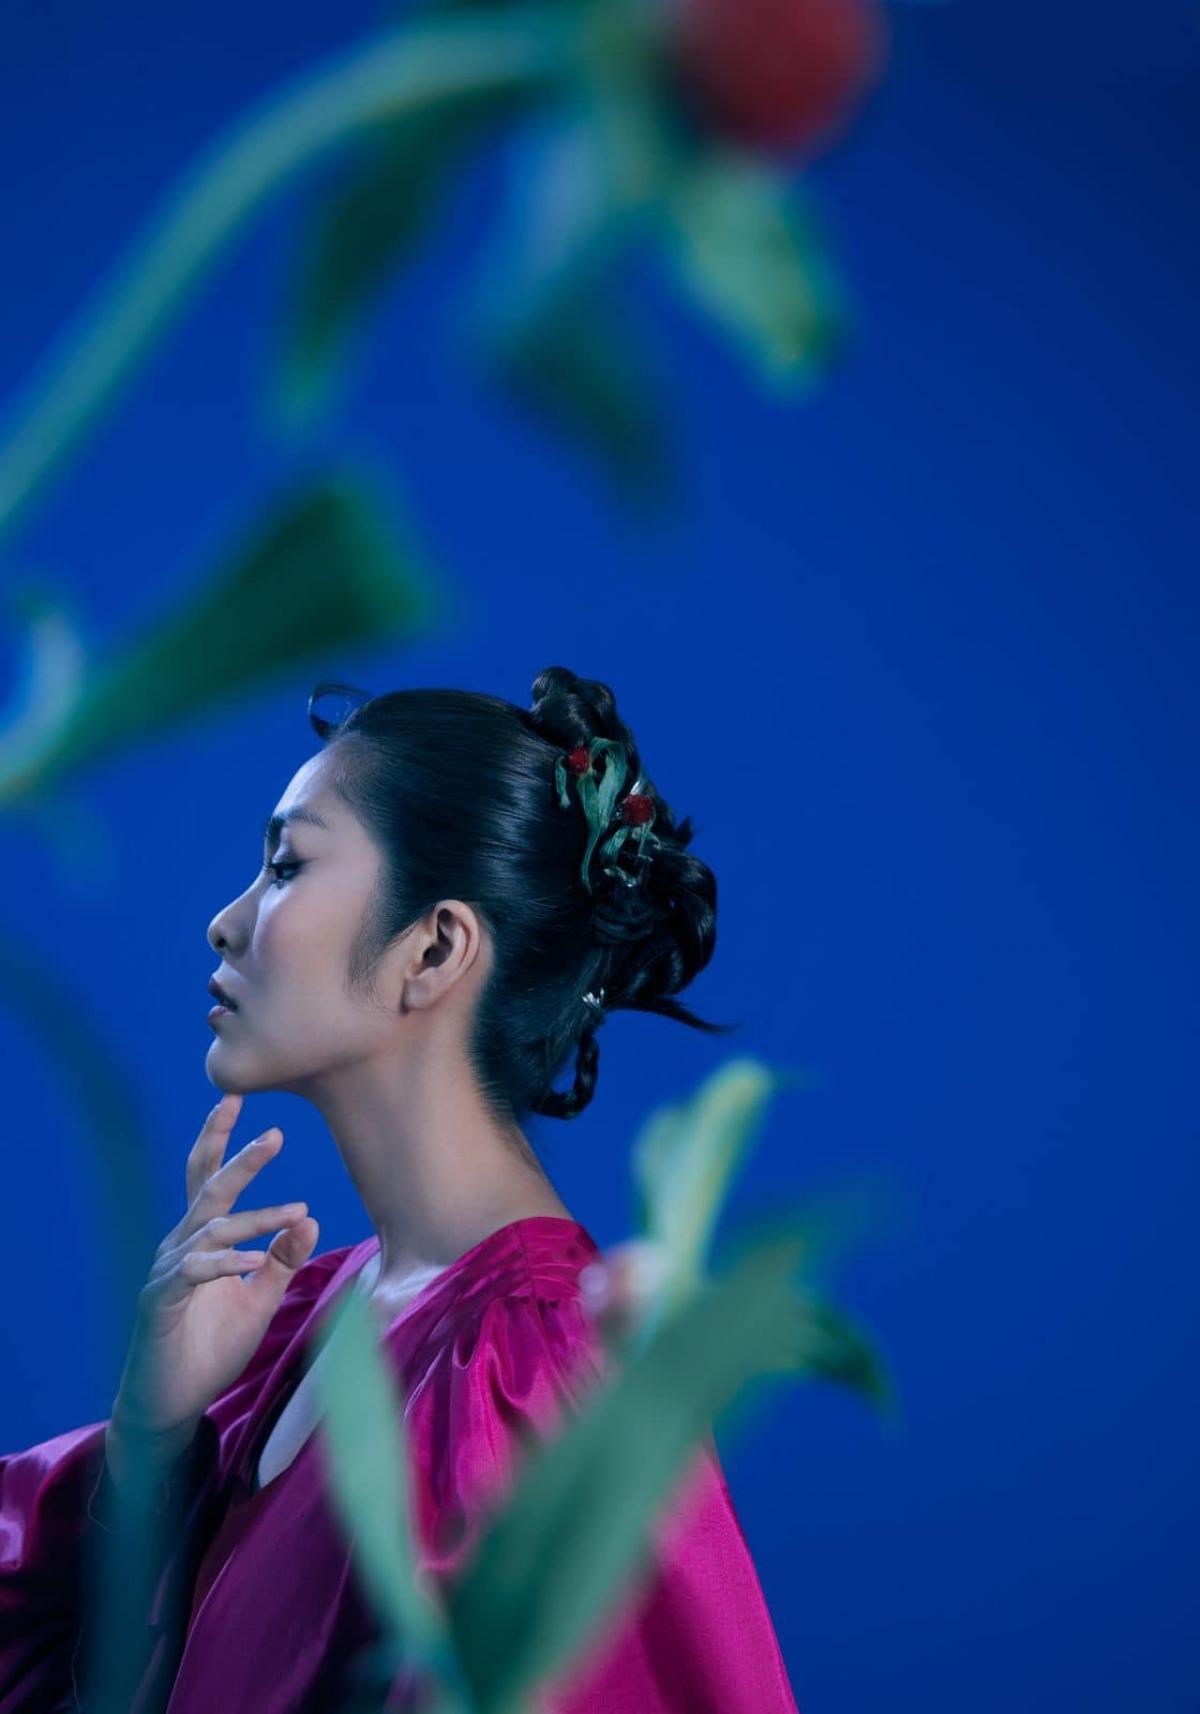 Anh chia sẻ,gặp Tăng Thanh Hà và muốn làm bộ ảnh cho sách artbook về một mỹ nhân trong một khu vườn bóng đêm, vẻ đẹp trên khuôn mặt không che dấu tâm trạng âu lo bên trong.